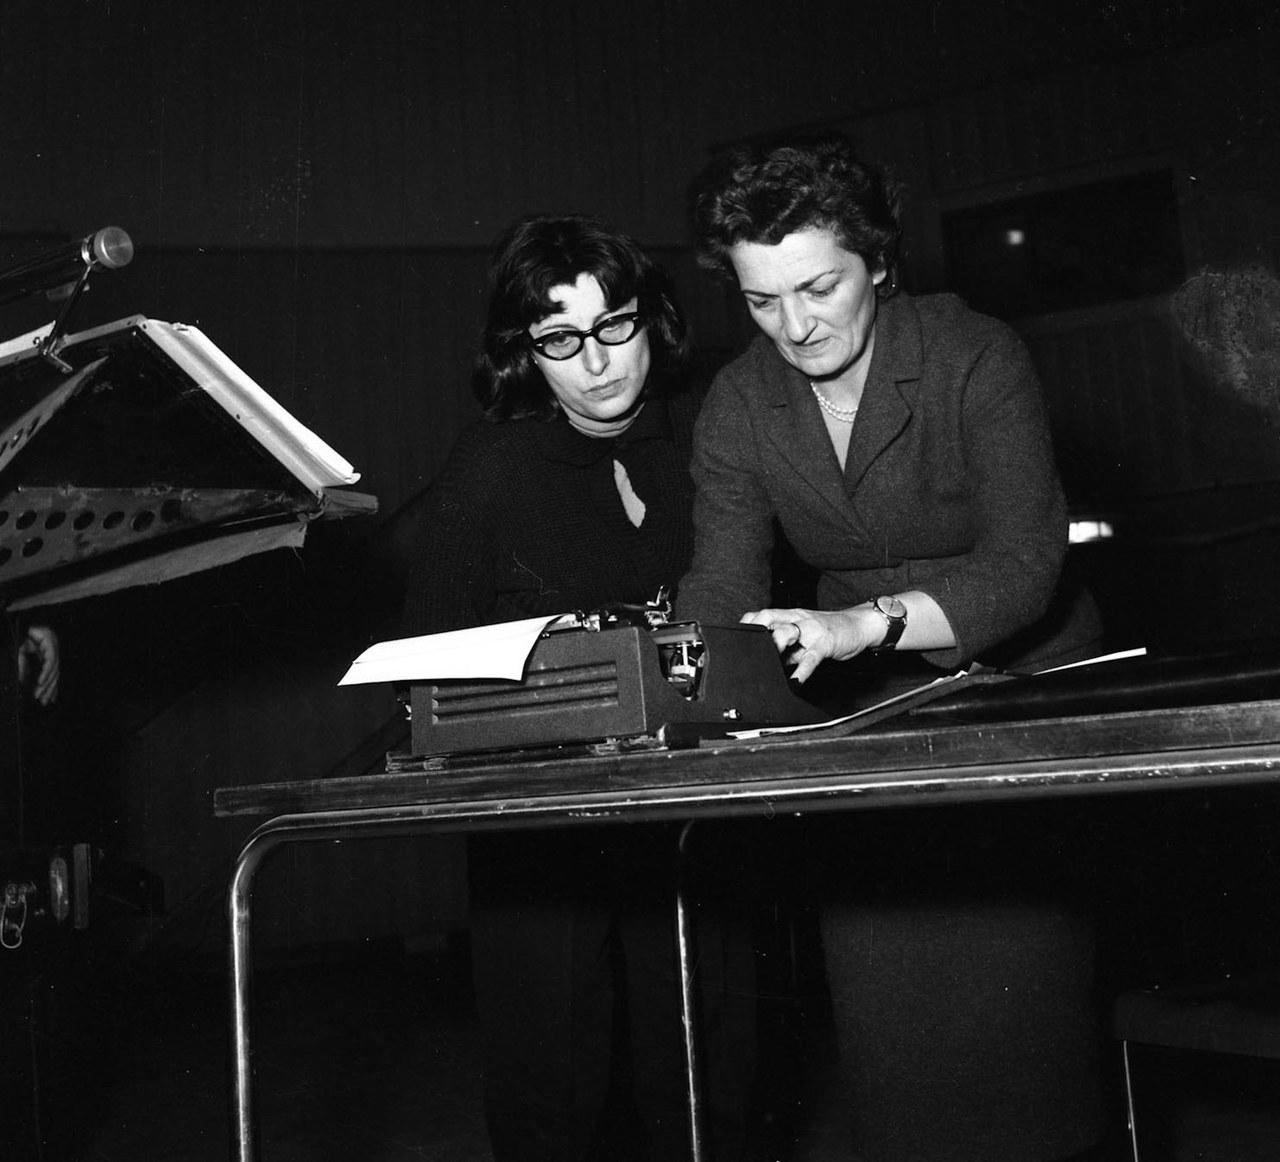 Anna Magnani e Suso Cecchi D'Amico, Fondo Gastone-Bosio, Archivio Museo dell'Attore, Genova